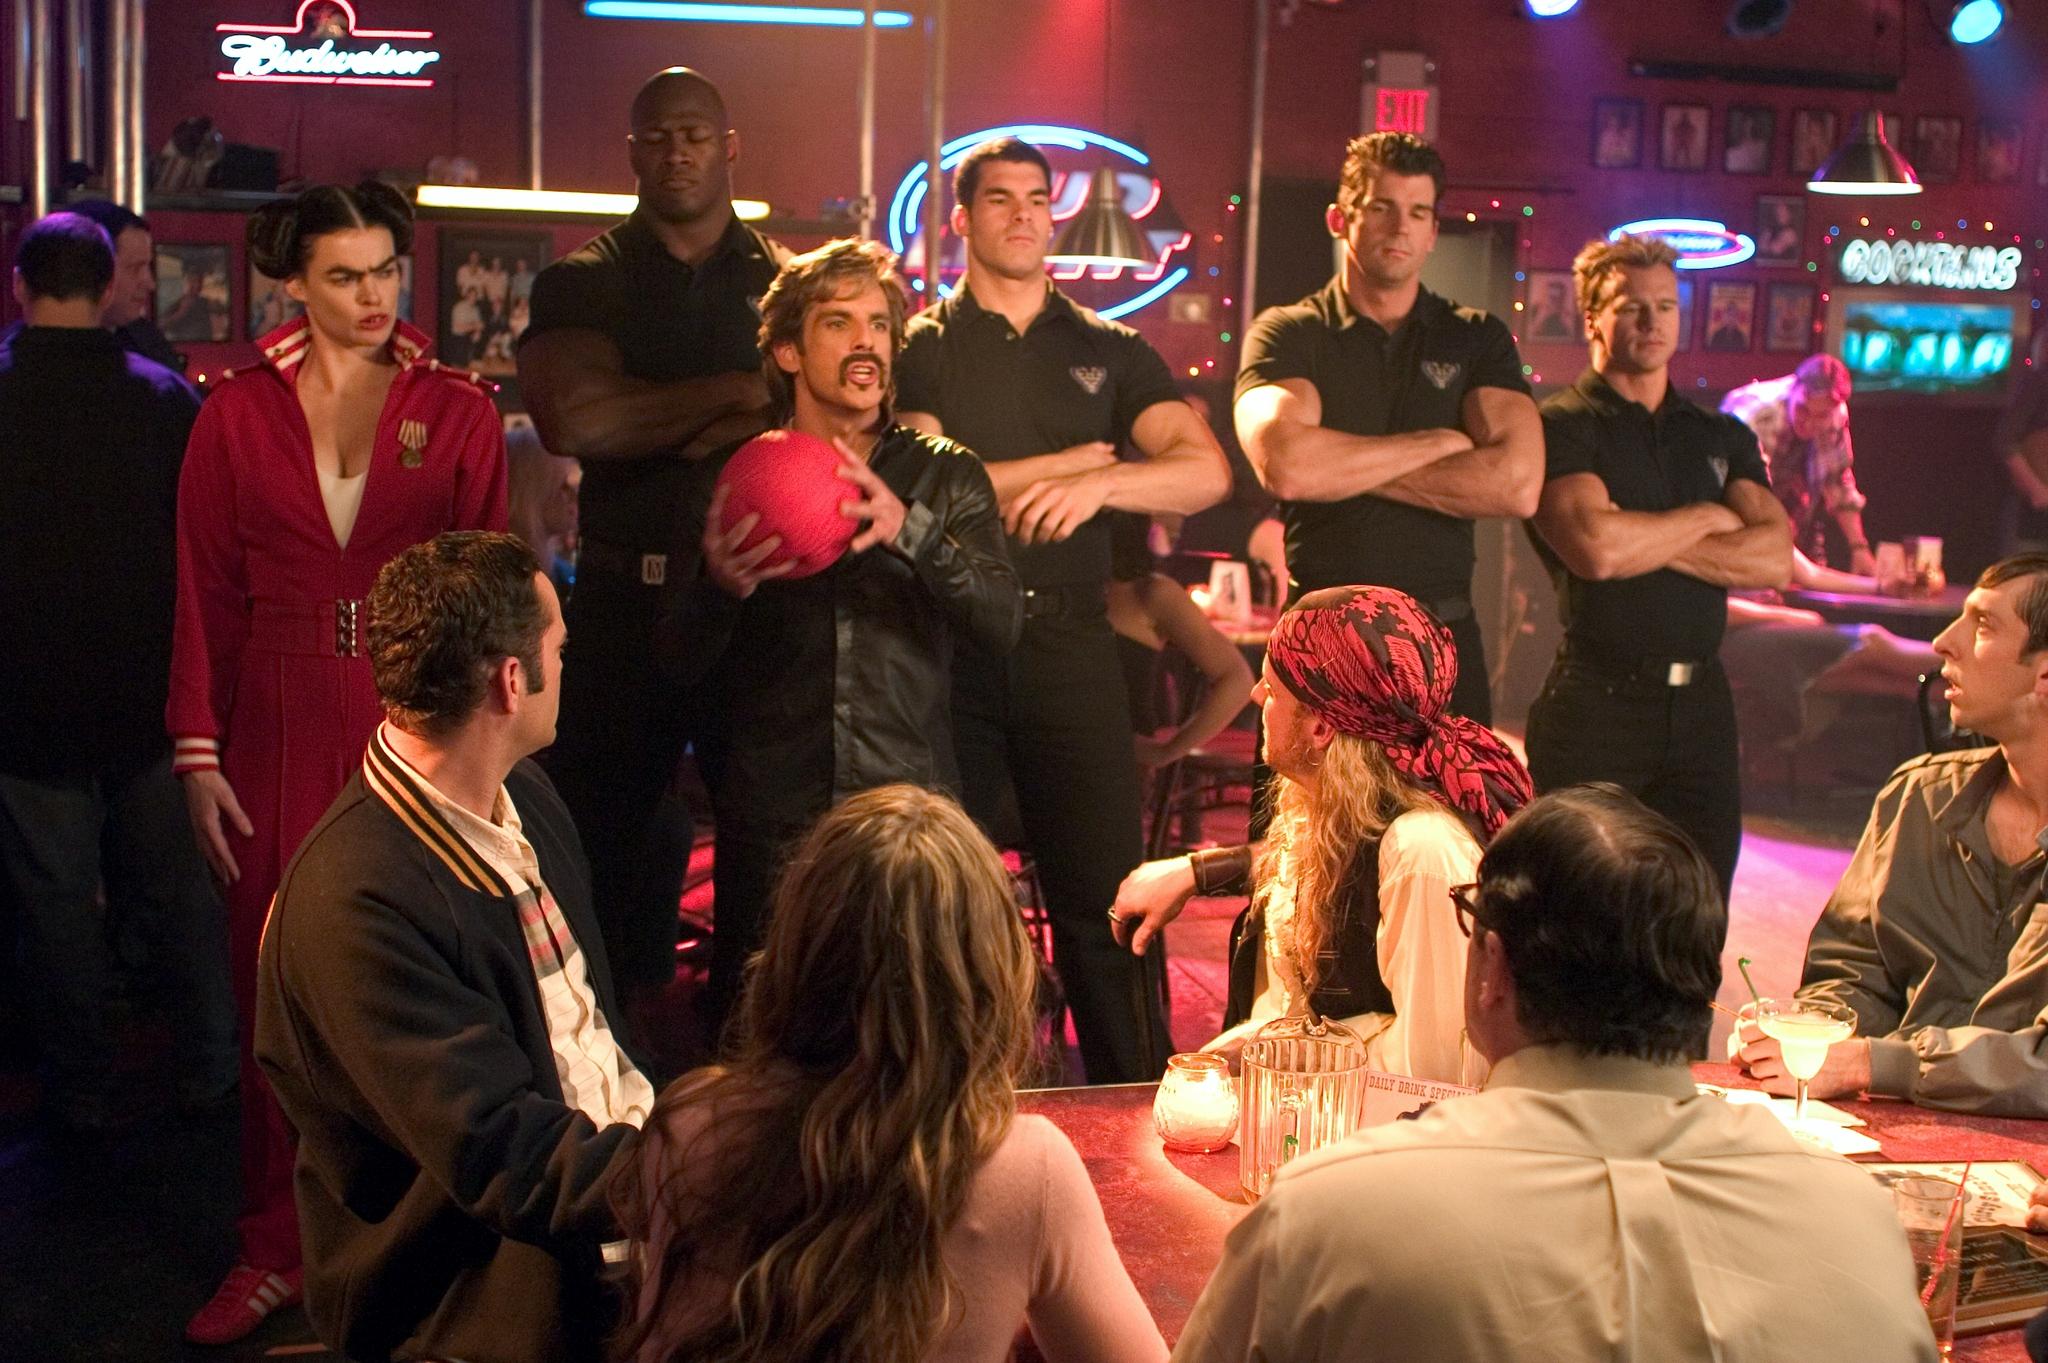 Vince Vaughn, Ben Stiller, Brandon Molale, Missi Pyle, Christine Taylor, Kevin Porter, Jamal Duff, and Rusty Joiner in Dodgeball: A True Underdog Story (2004)